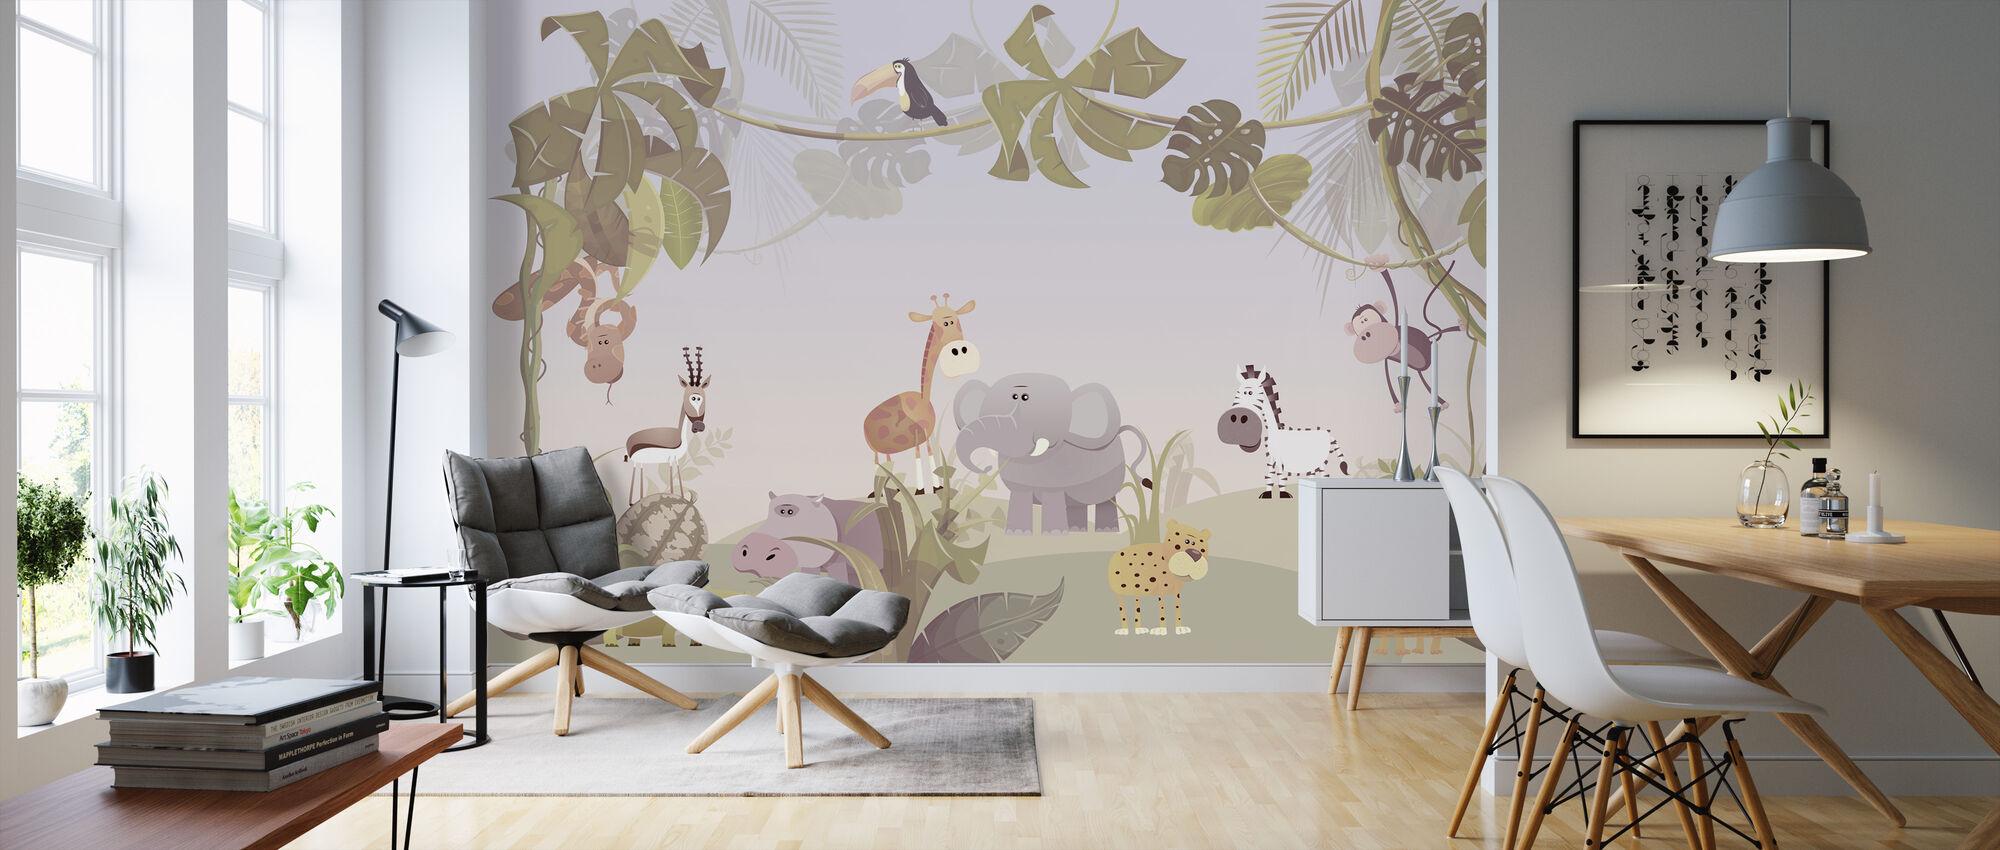 Savanna Animals - Wallpaper - Living Room